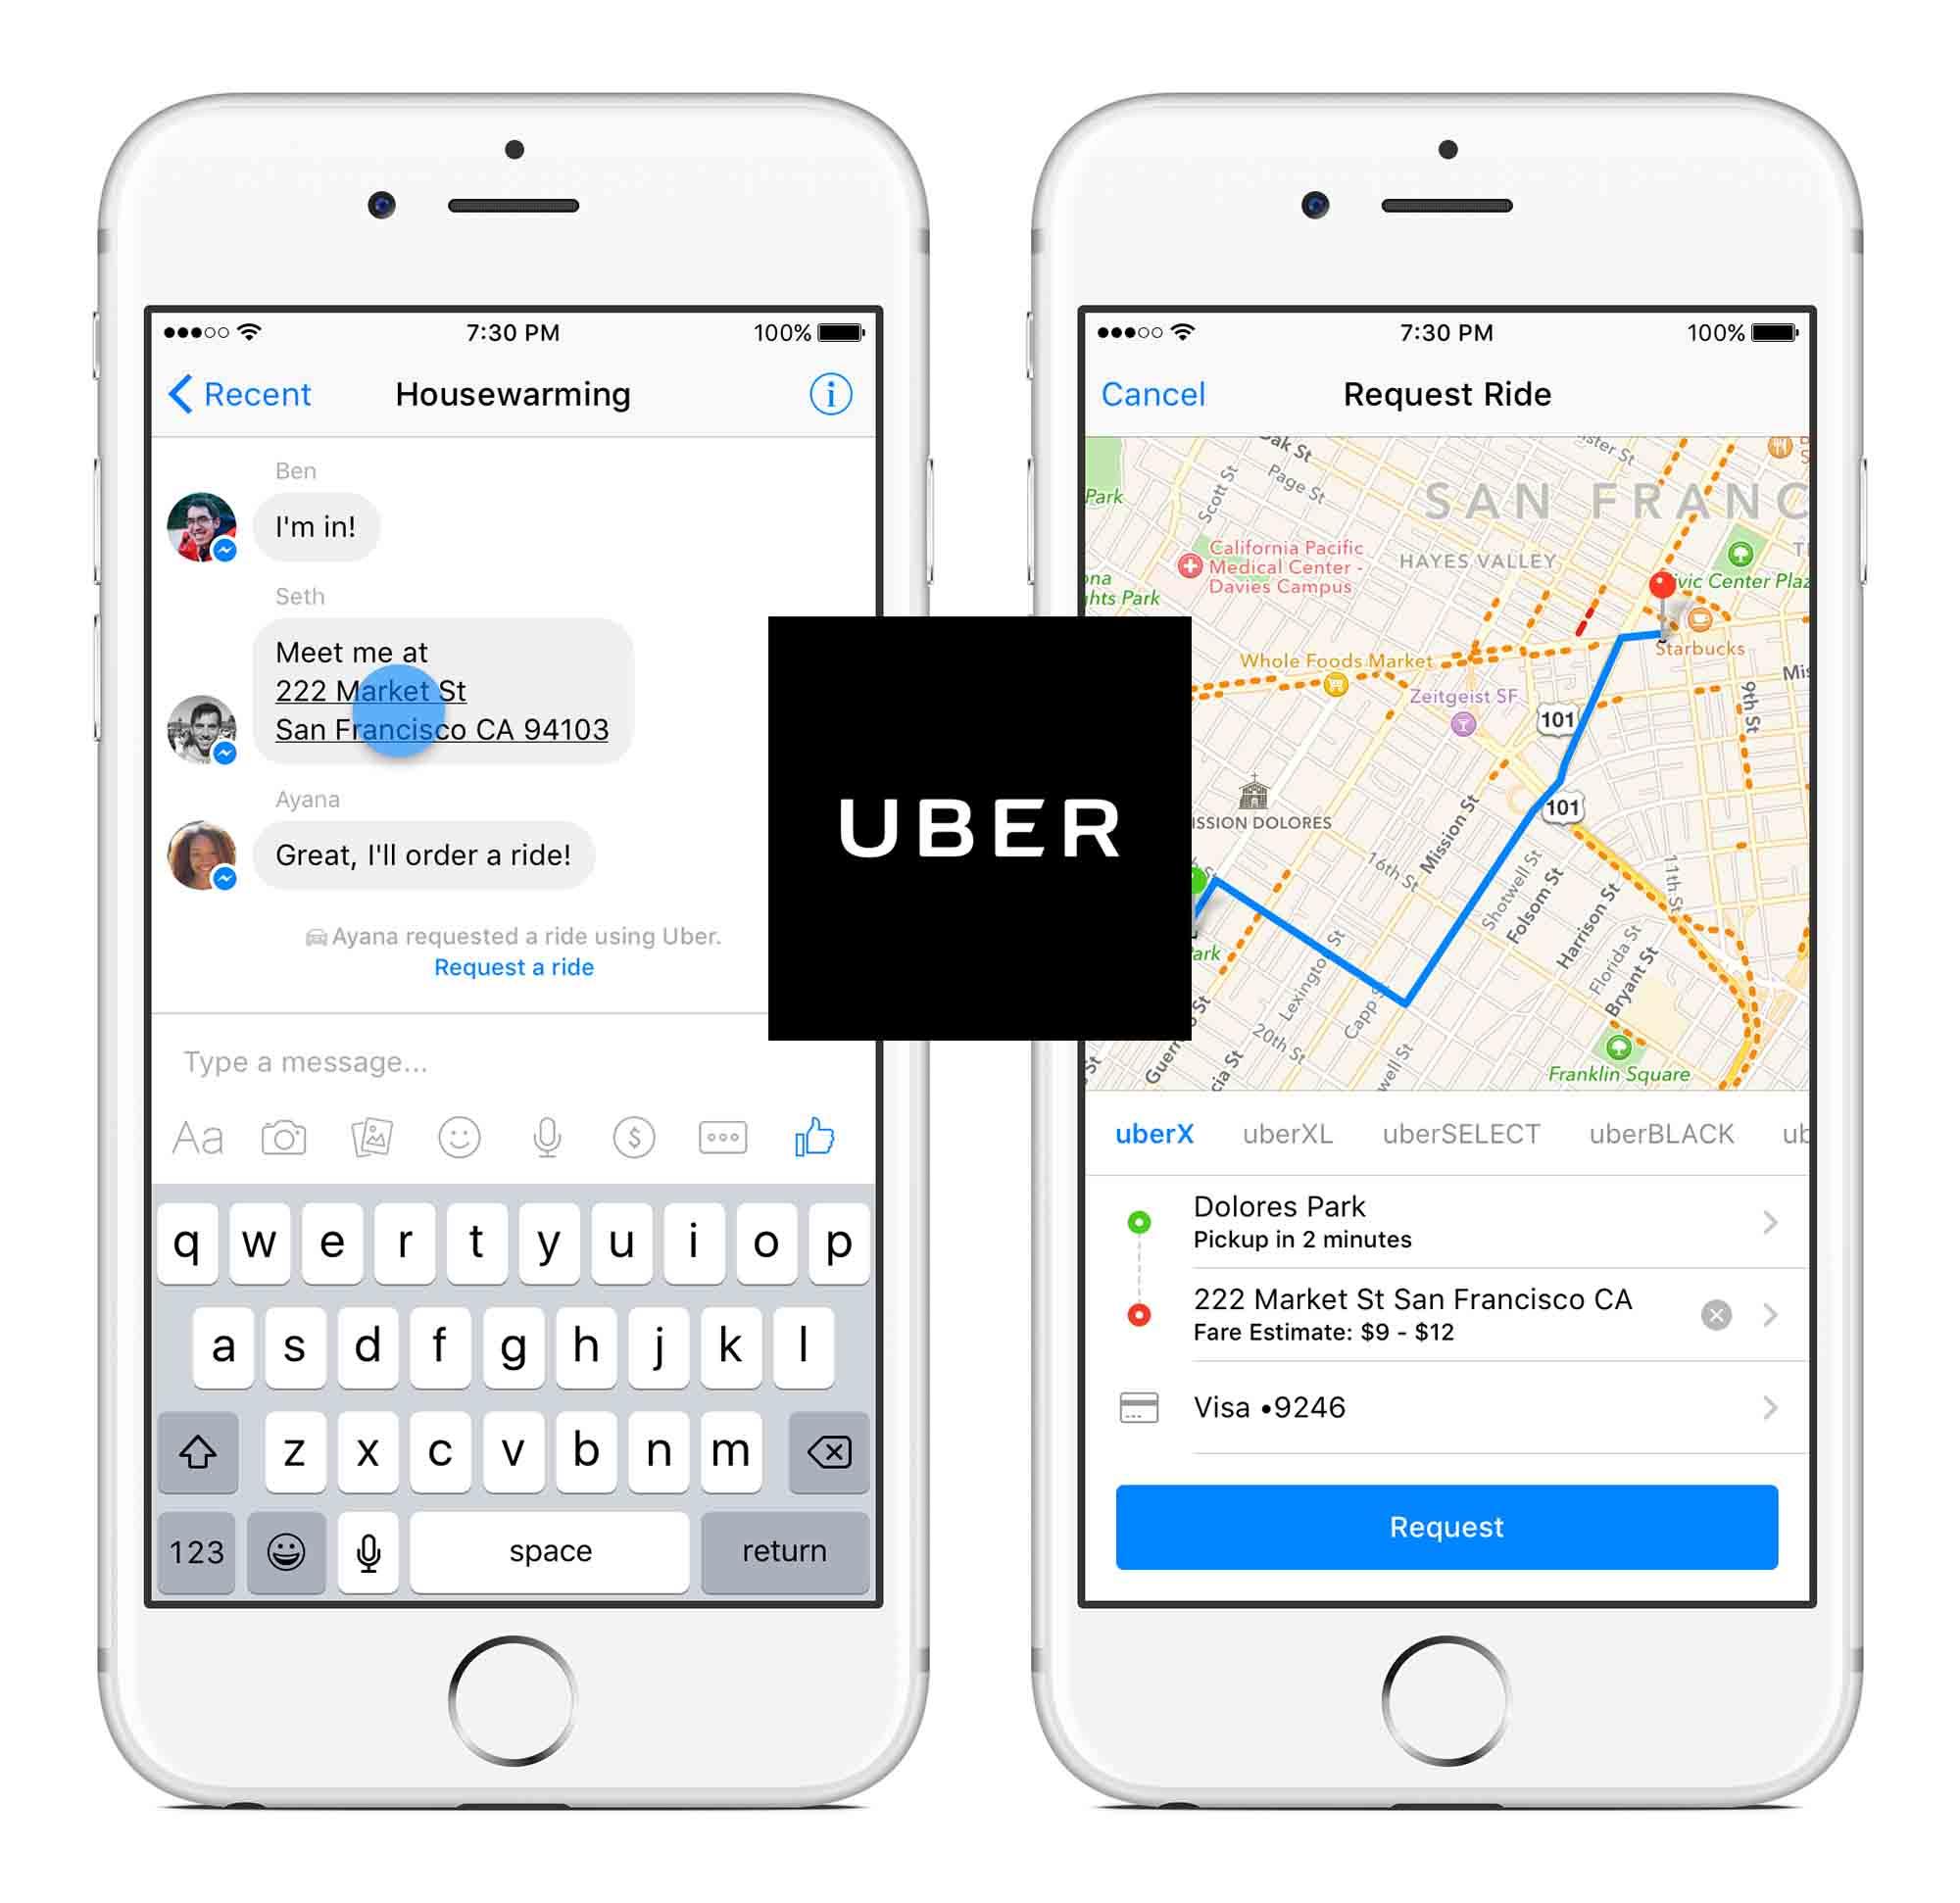 messenger 2018 uber